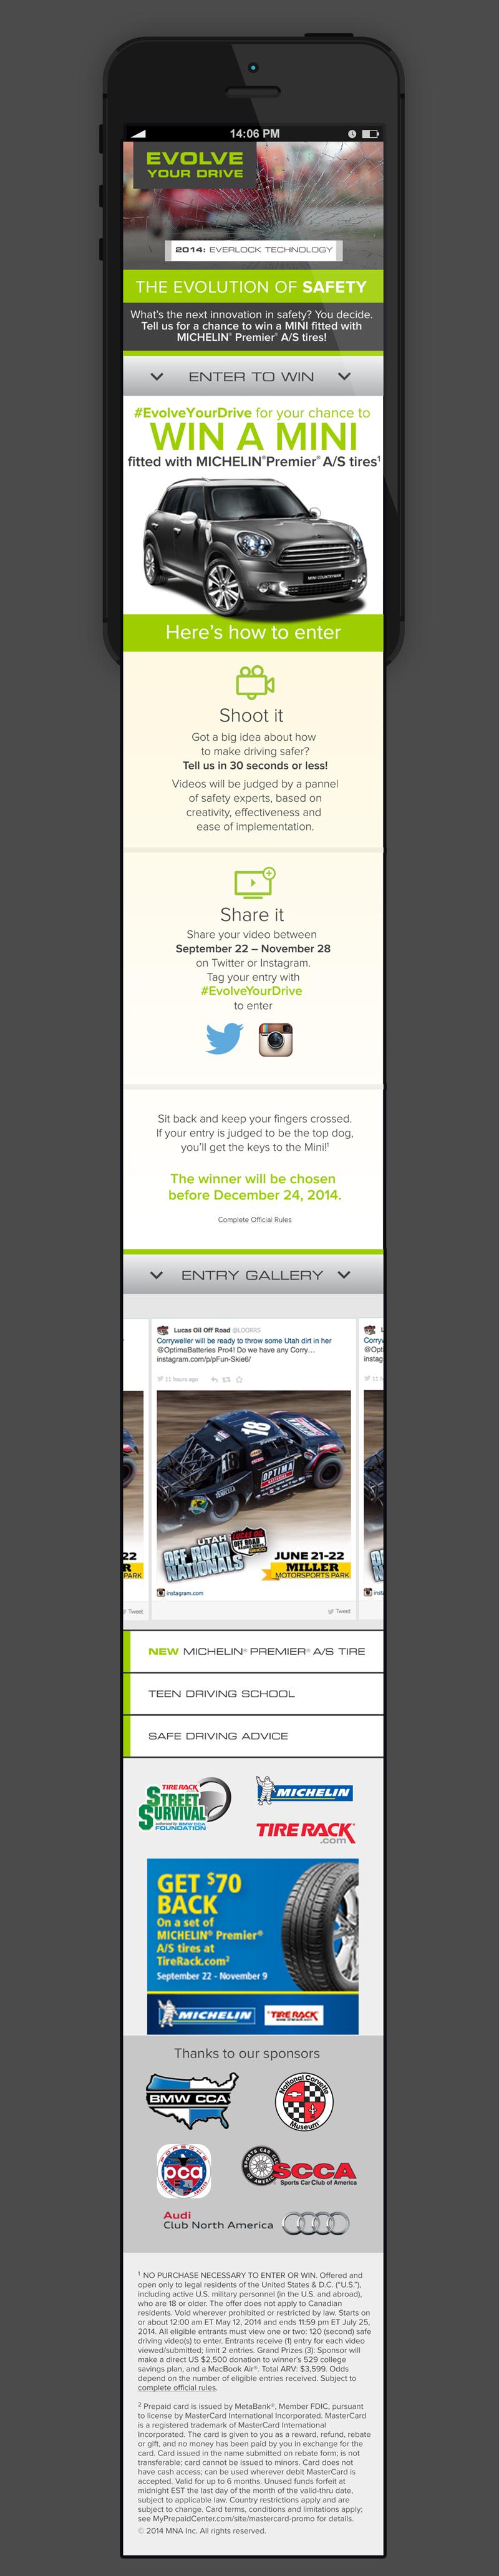 Evolve_mobile.jpg